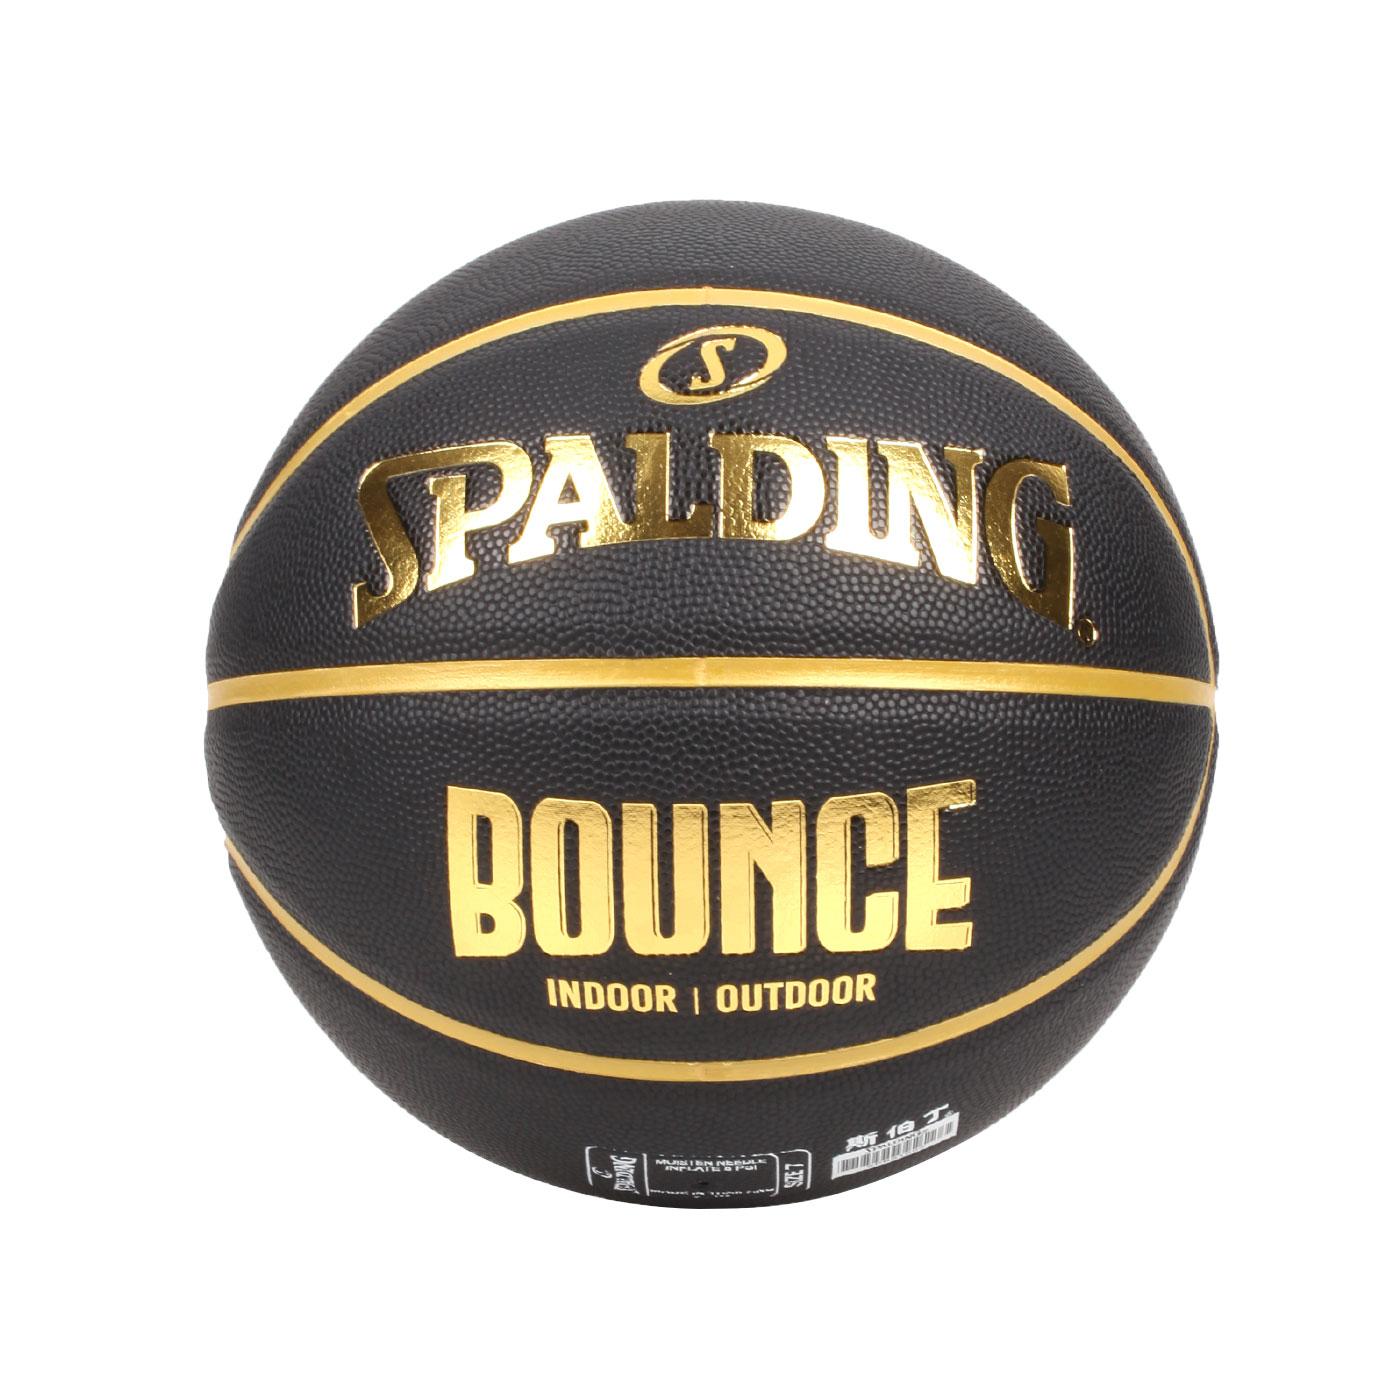 SPALDING Bounce 籃球-PU SPB91003 - 黑金